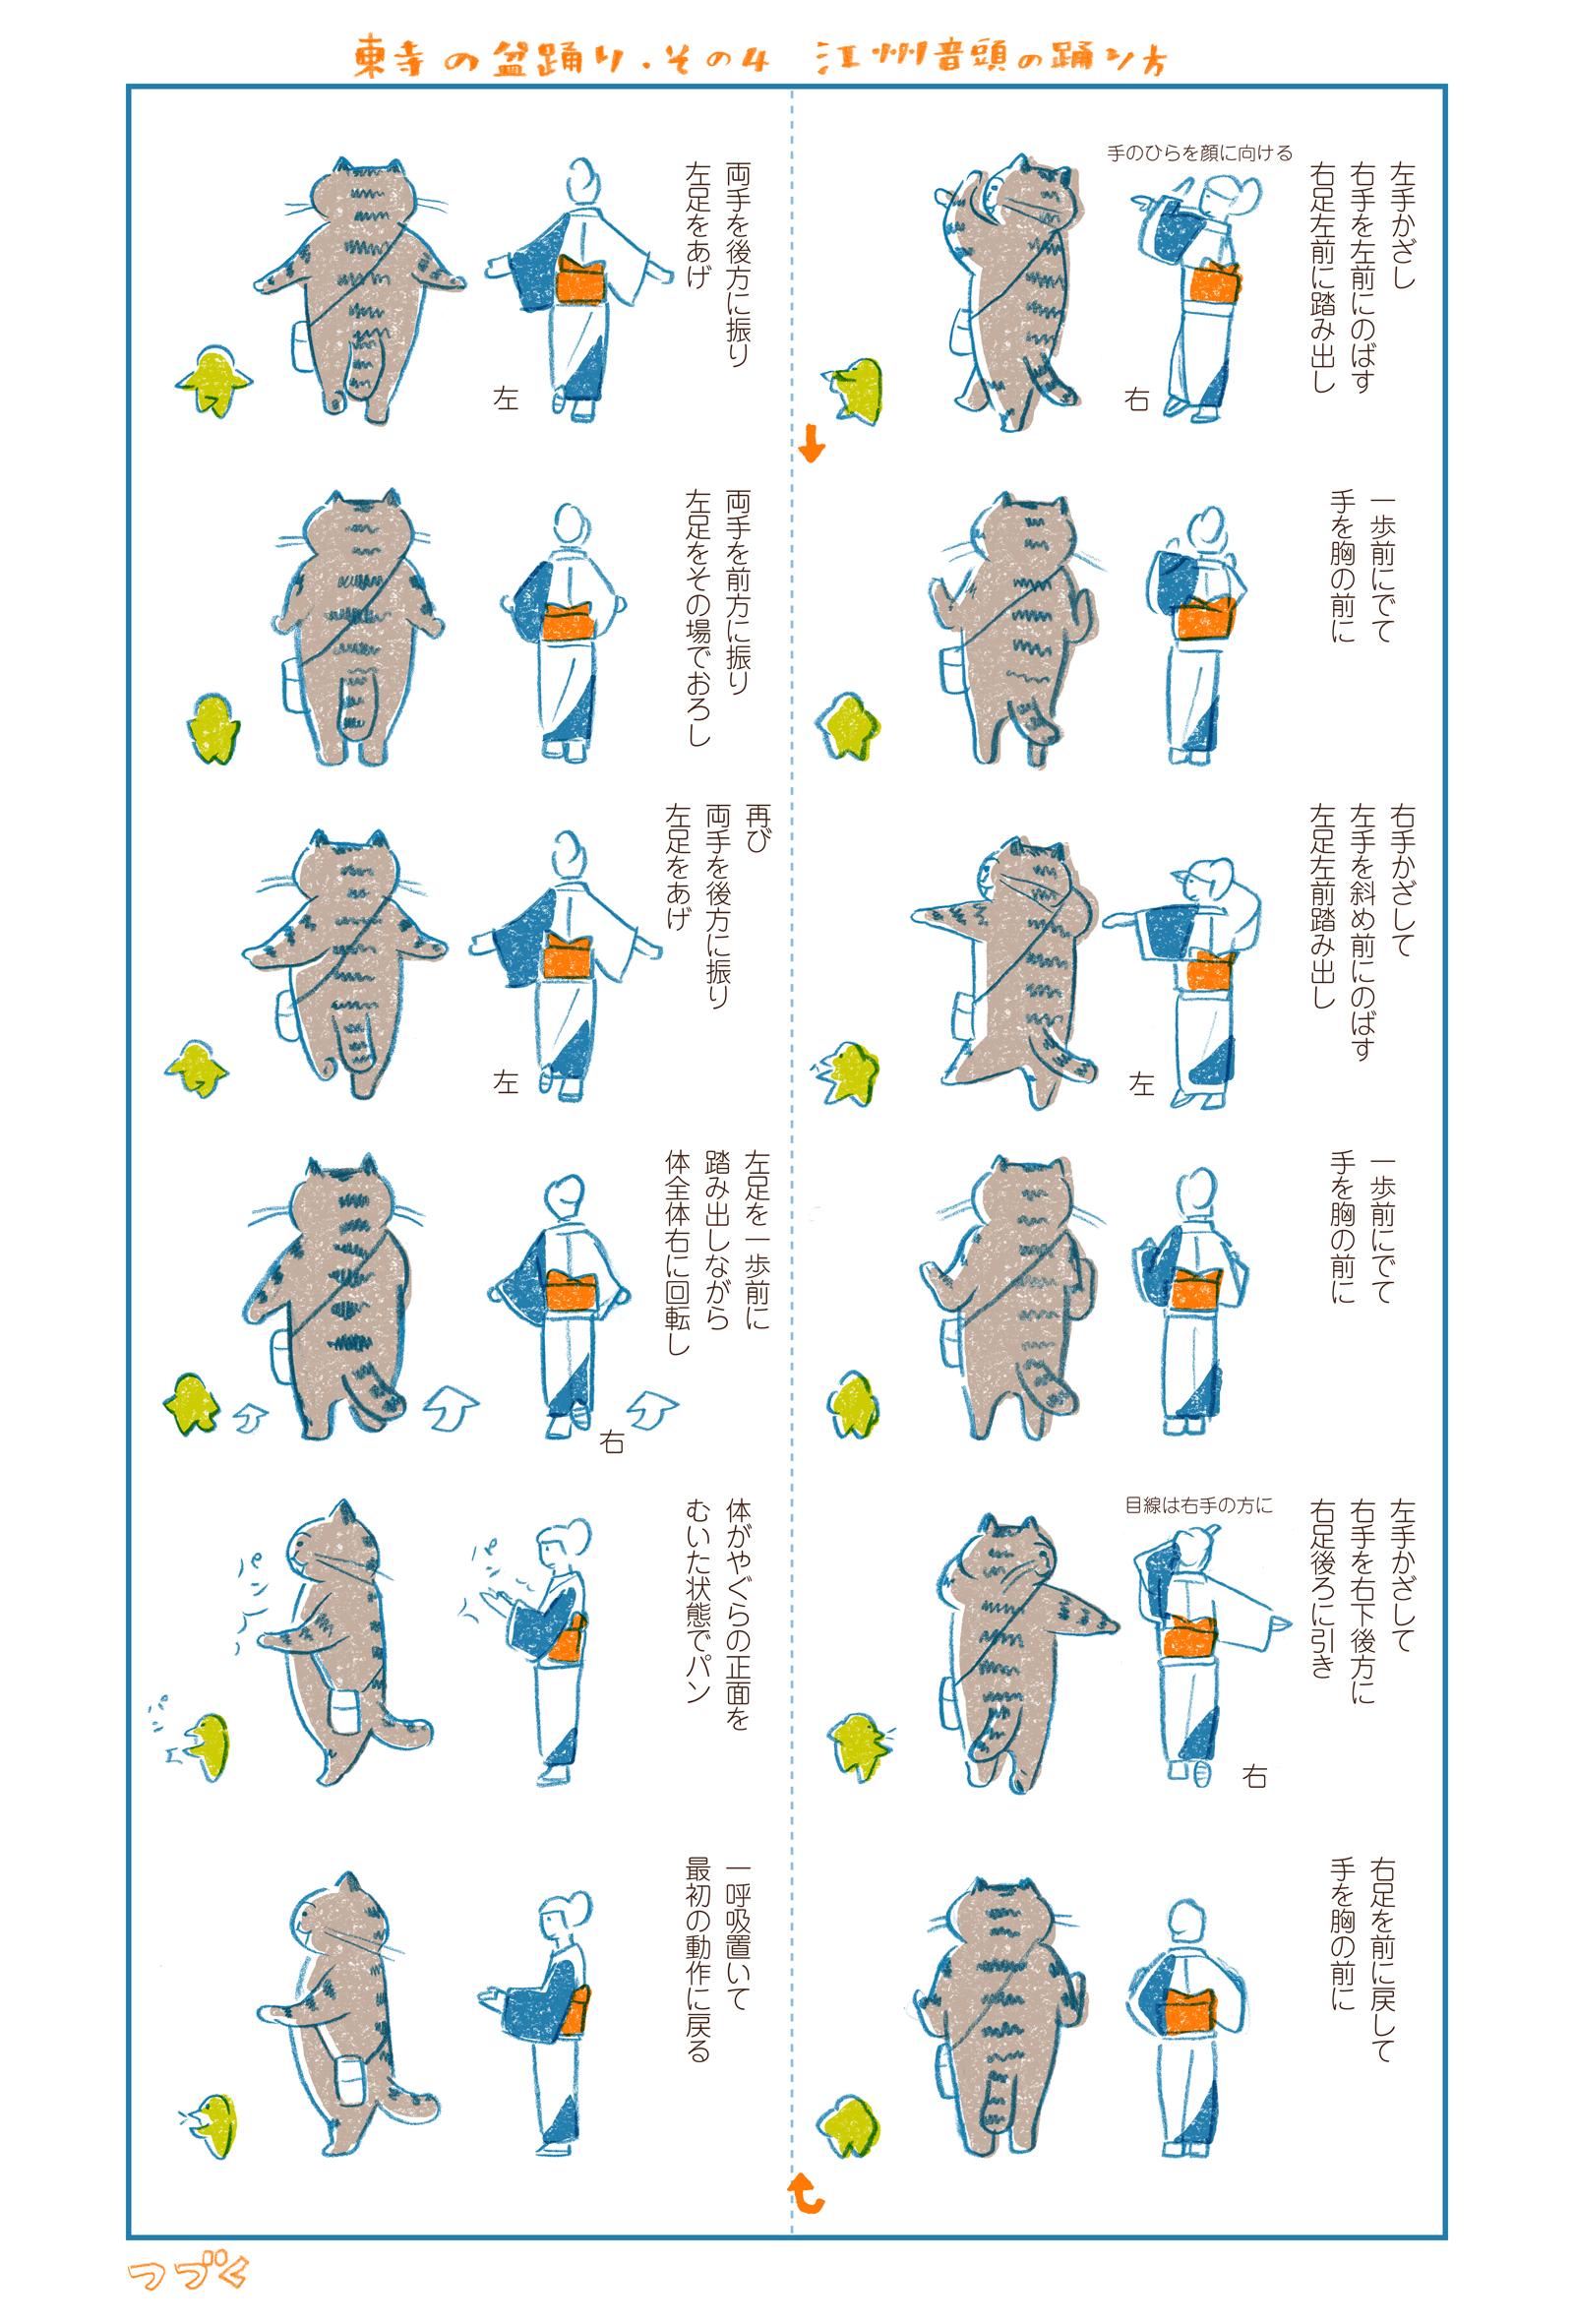 個別「盆 IN THE KYOTO 東寺の盆...